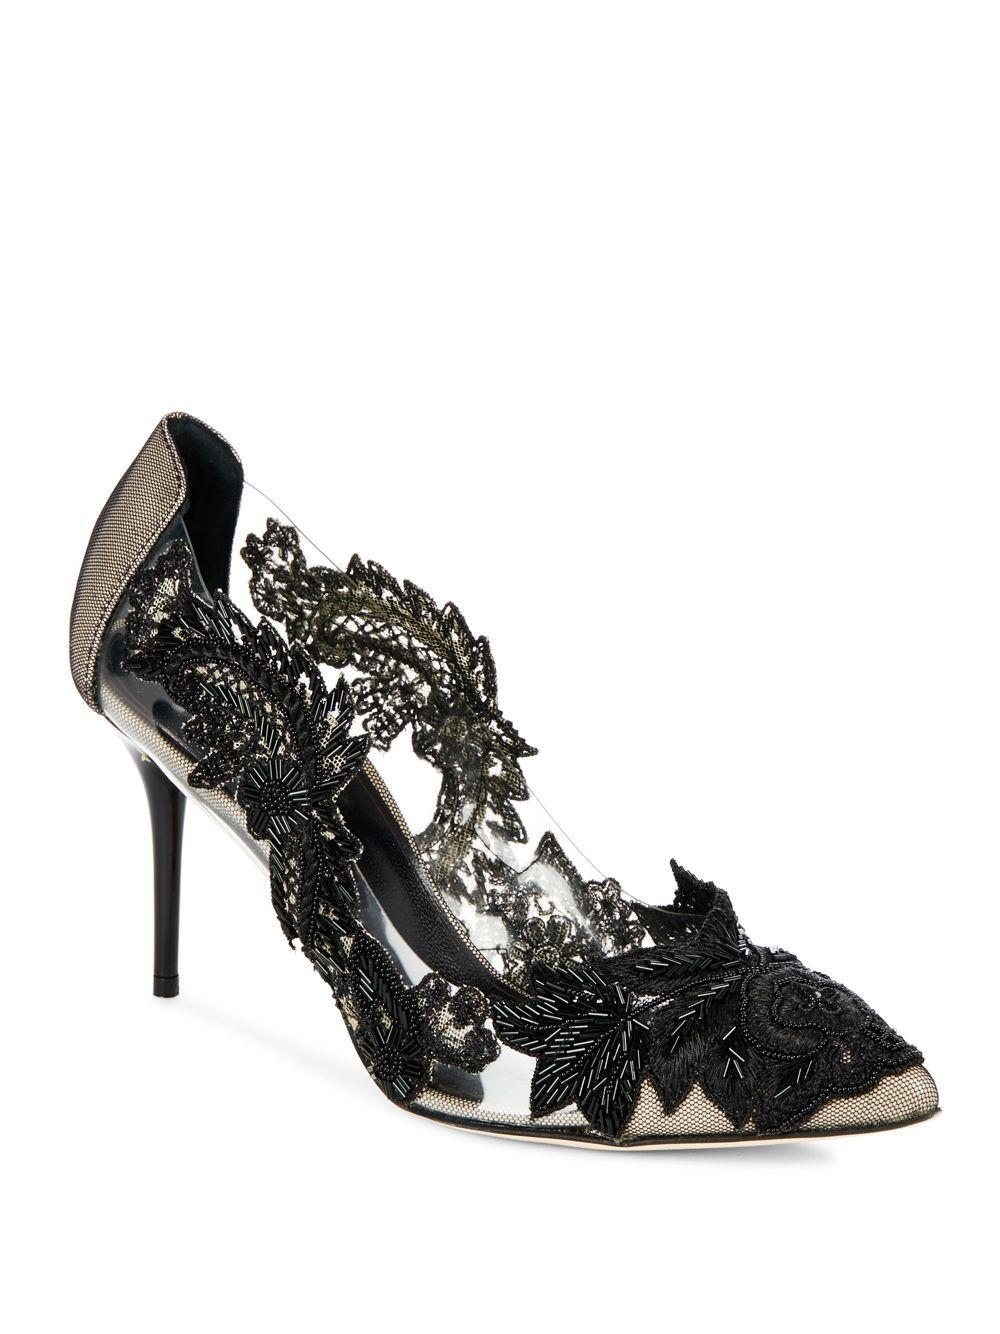 Oscar De La Renta Mens Shoes